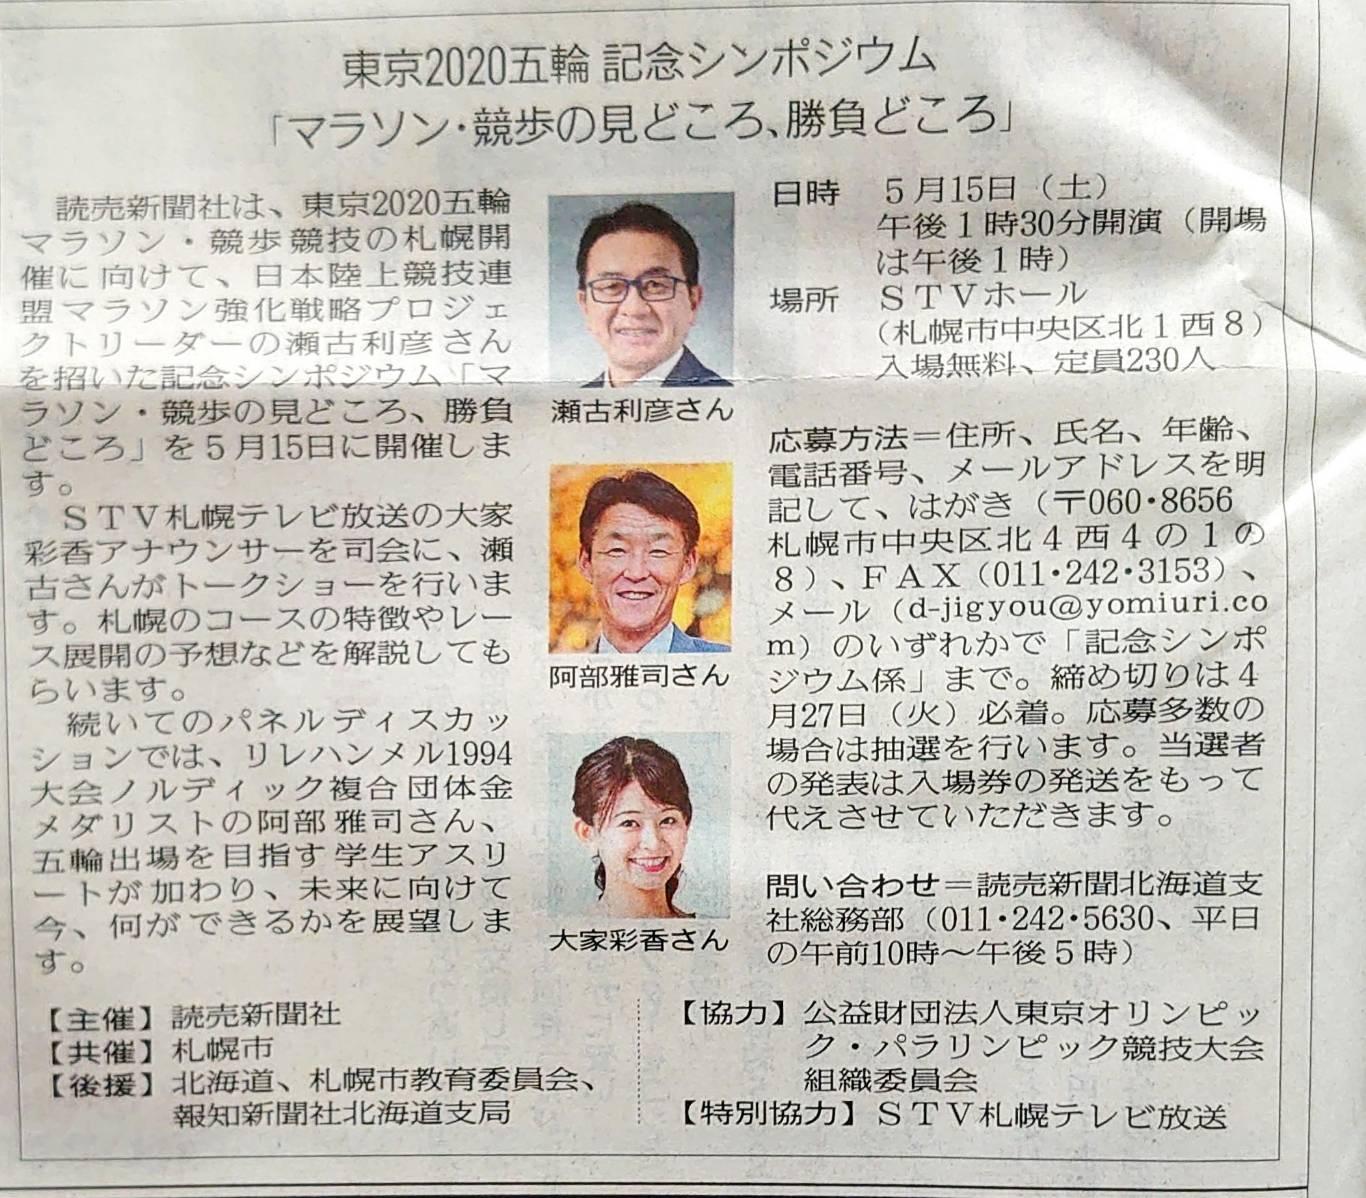 2021.3.30読売新聞